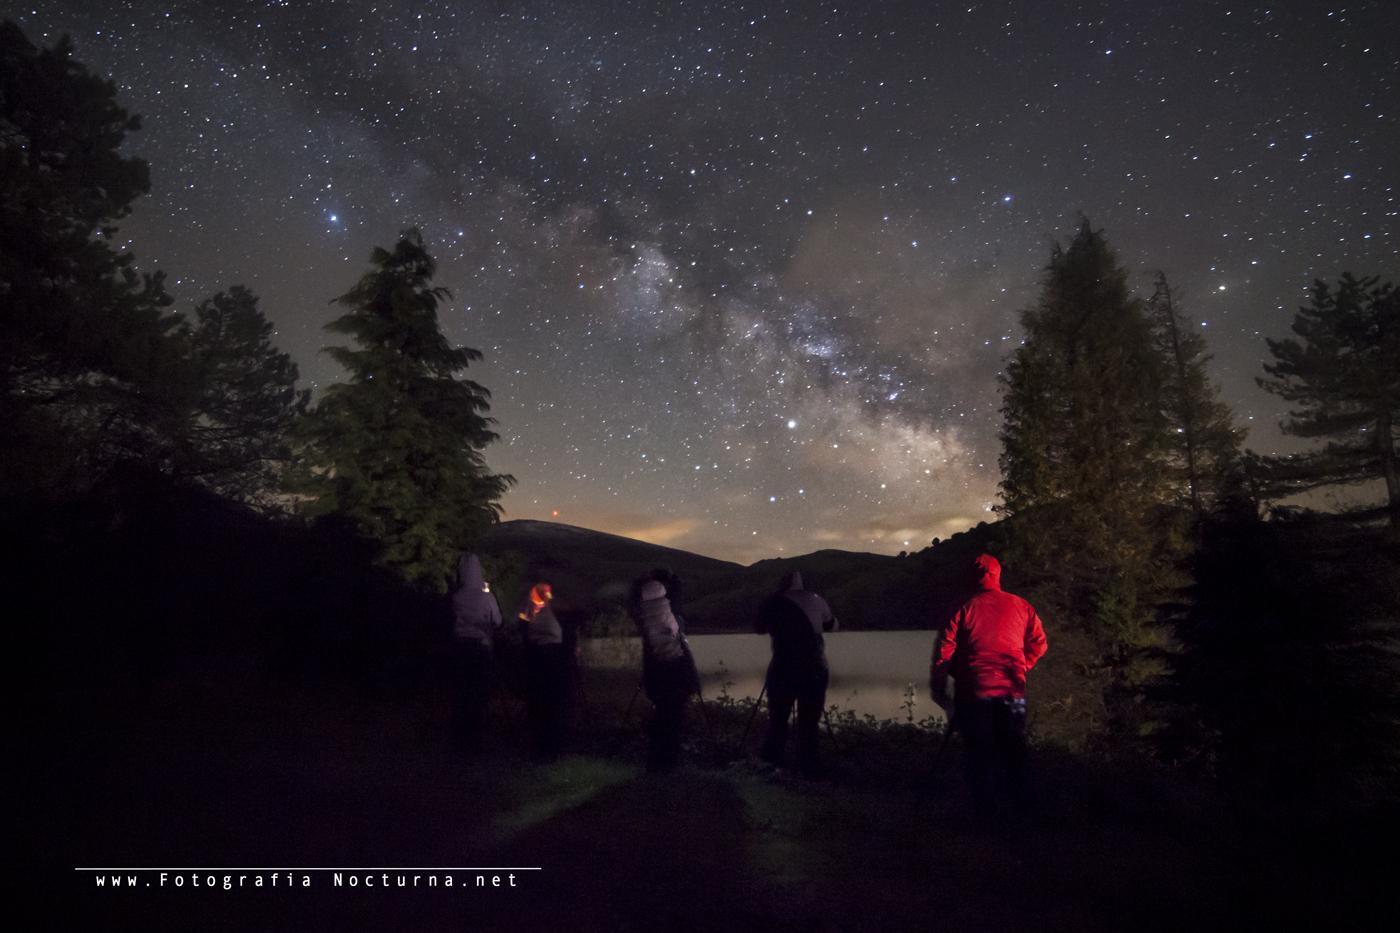 VIII Kdd de fotografía nocturna